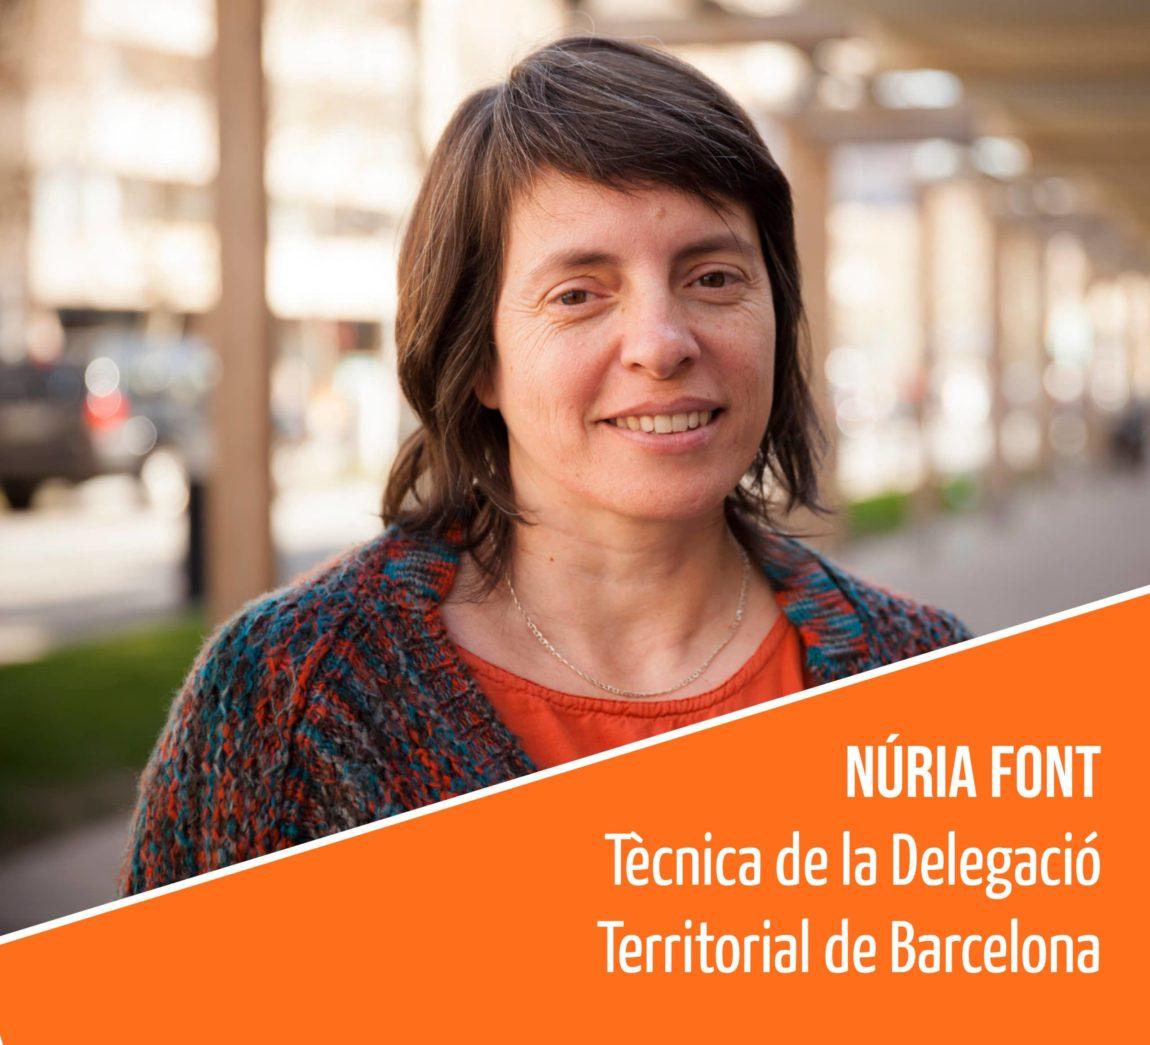 Coneix l'equip humà de la FAC: Núria Font, Tècnica de la Delegació Territorial de Barcelona